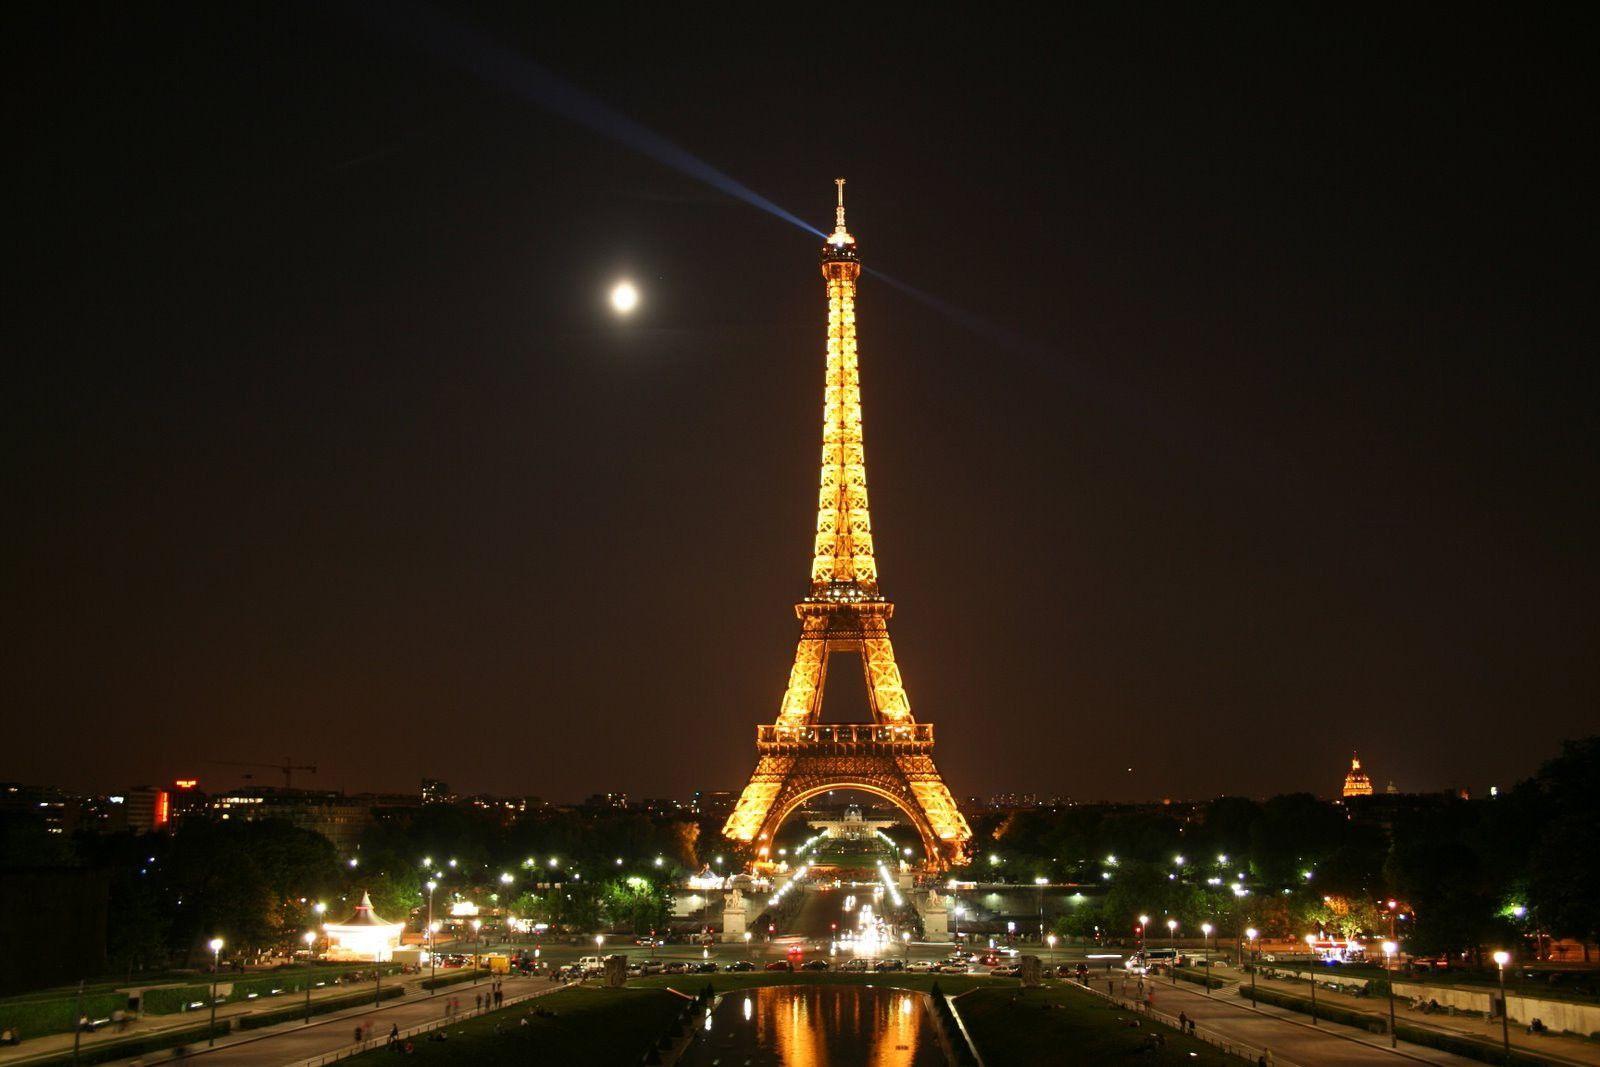 Hd Eiffel Tower Wallpaper Pixelstalk Desktop Eiffel Tower Hd Wallpapers Pixelstalk Eiffel Tower Paris France Hd Desktop Wallpaper High Definition 1600x1067